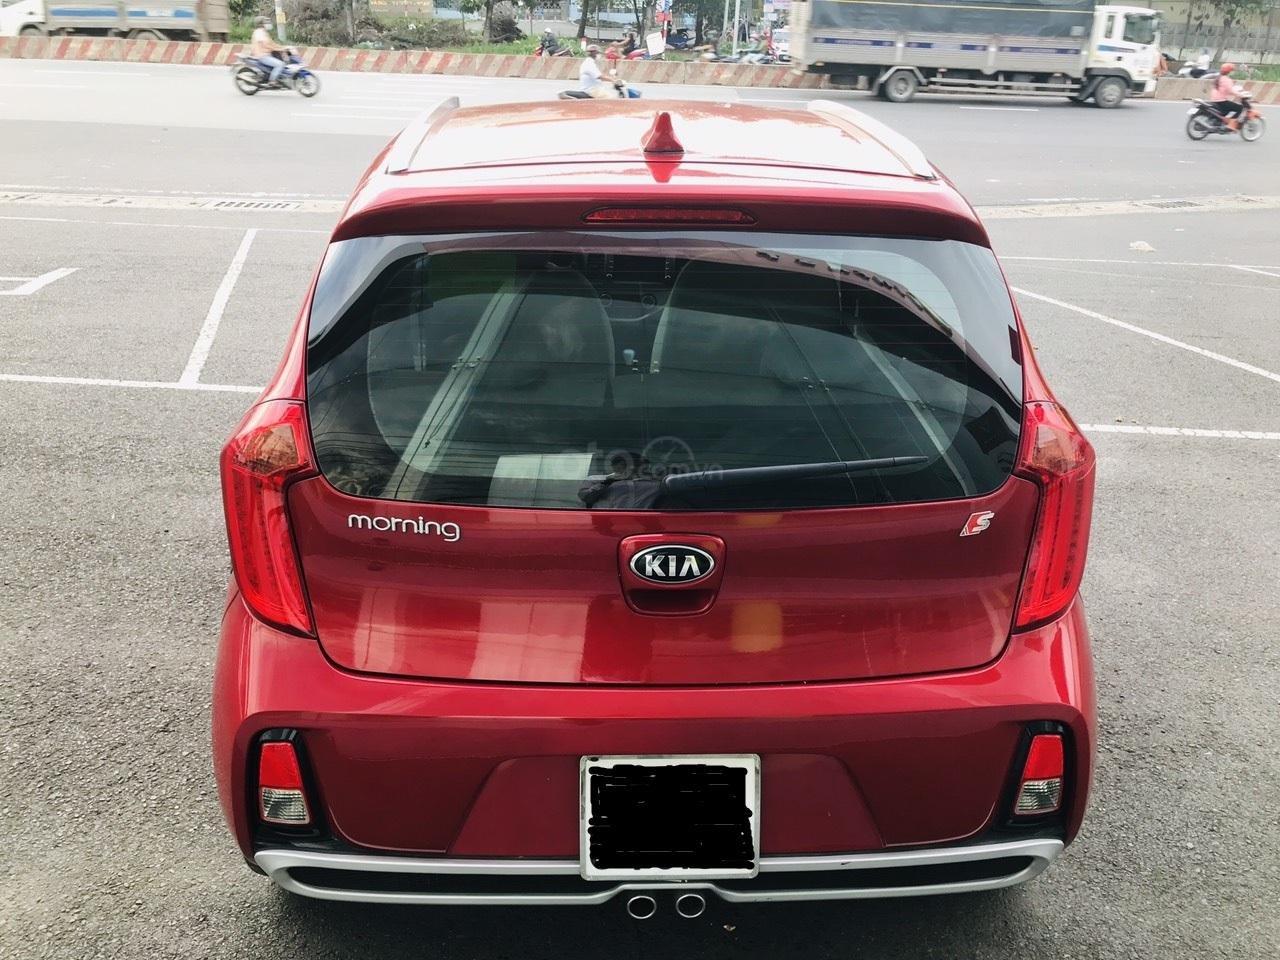 Cần bán lại xe Kia Morning Luxury 1.25L AT 2019, bản cao cấp nhất, mới như xe hãng, odo hơn 2000Km, giá 365tr (3)